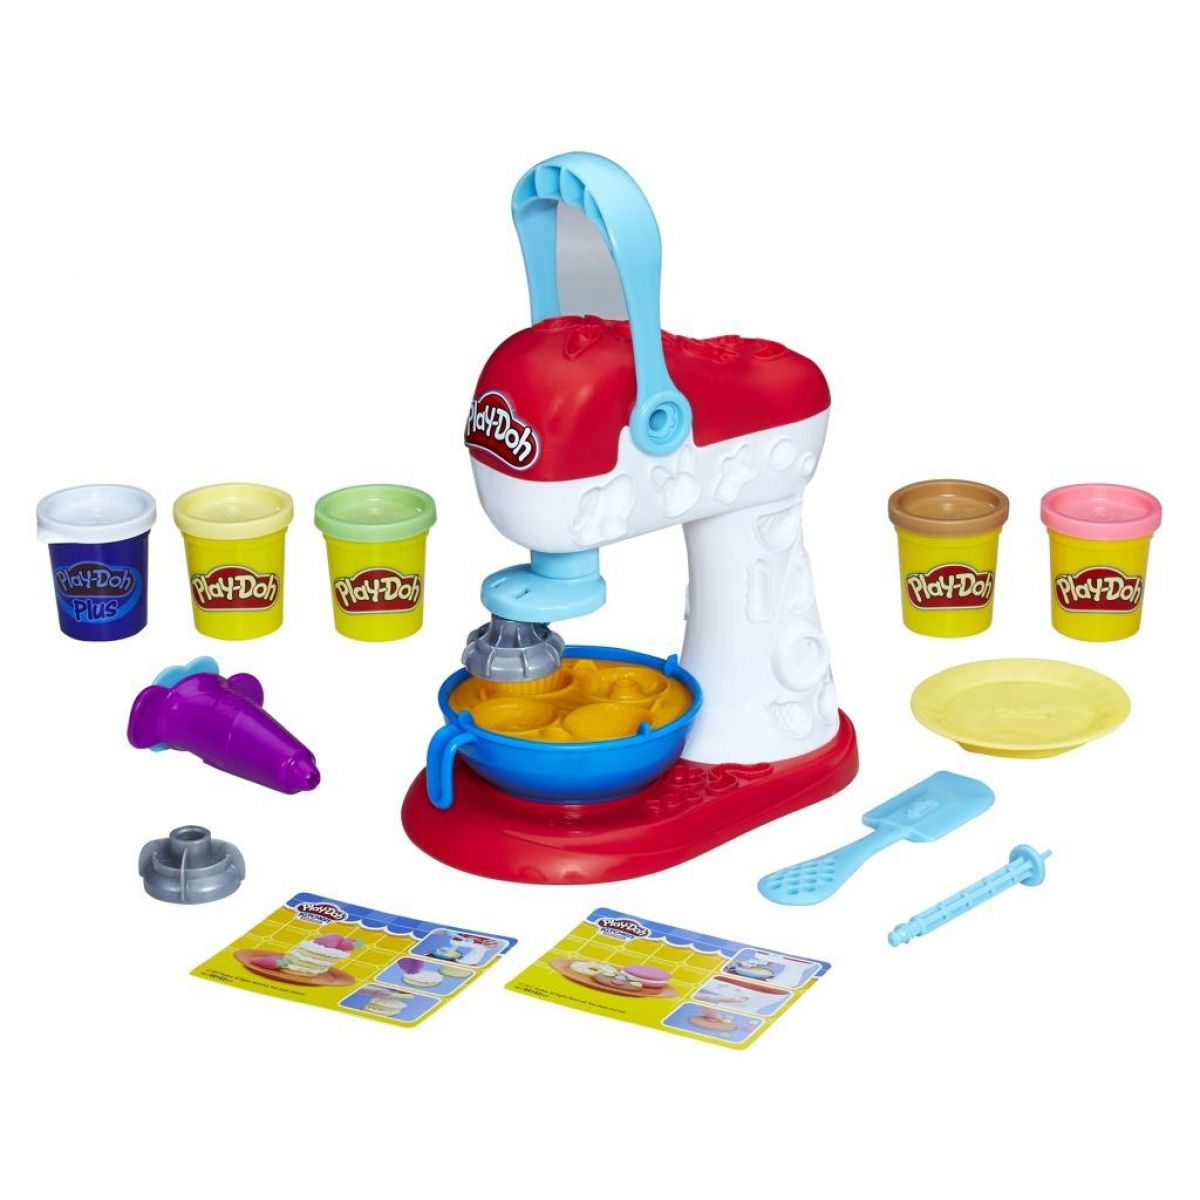 Play-Doh Rotační mixér - Poškozený obal